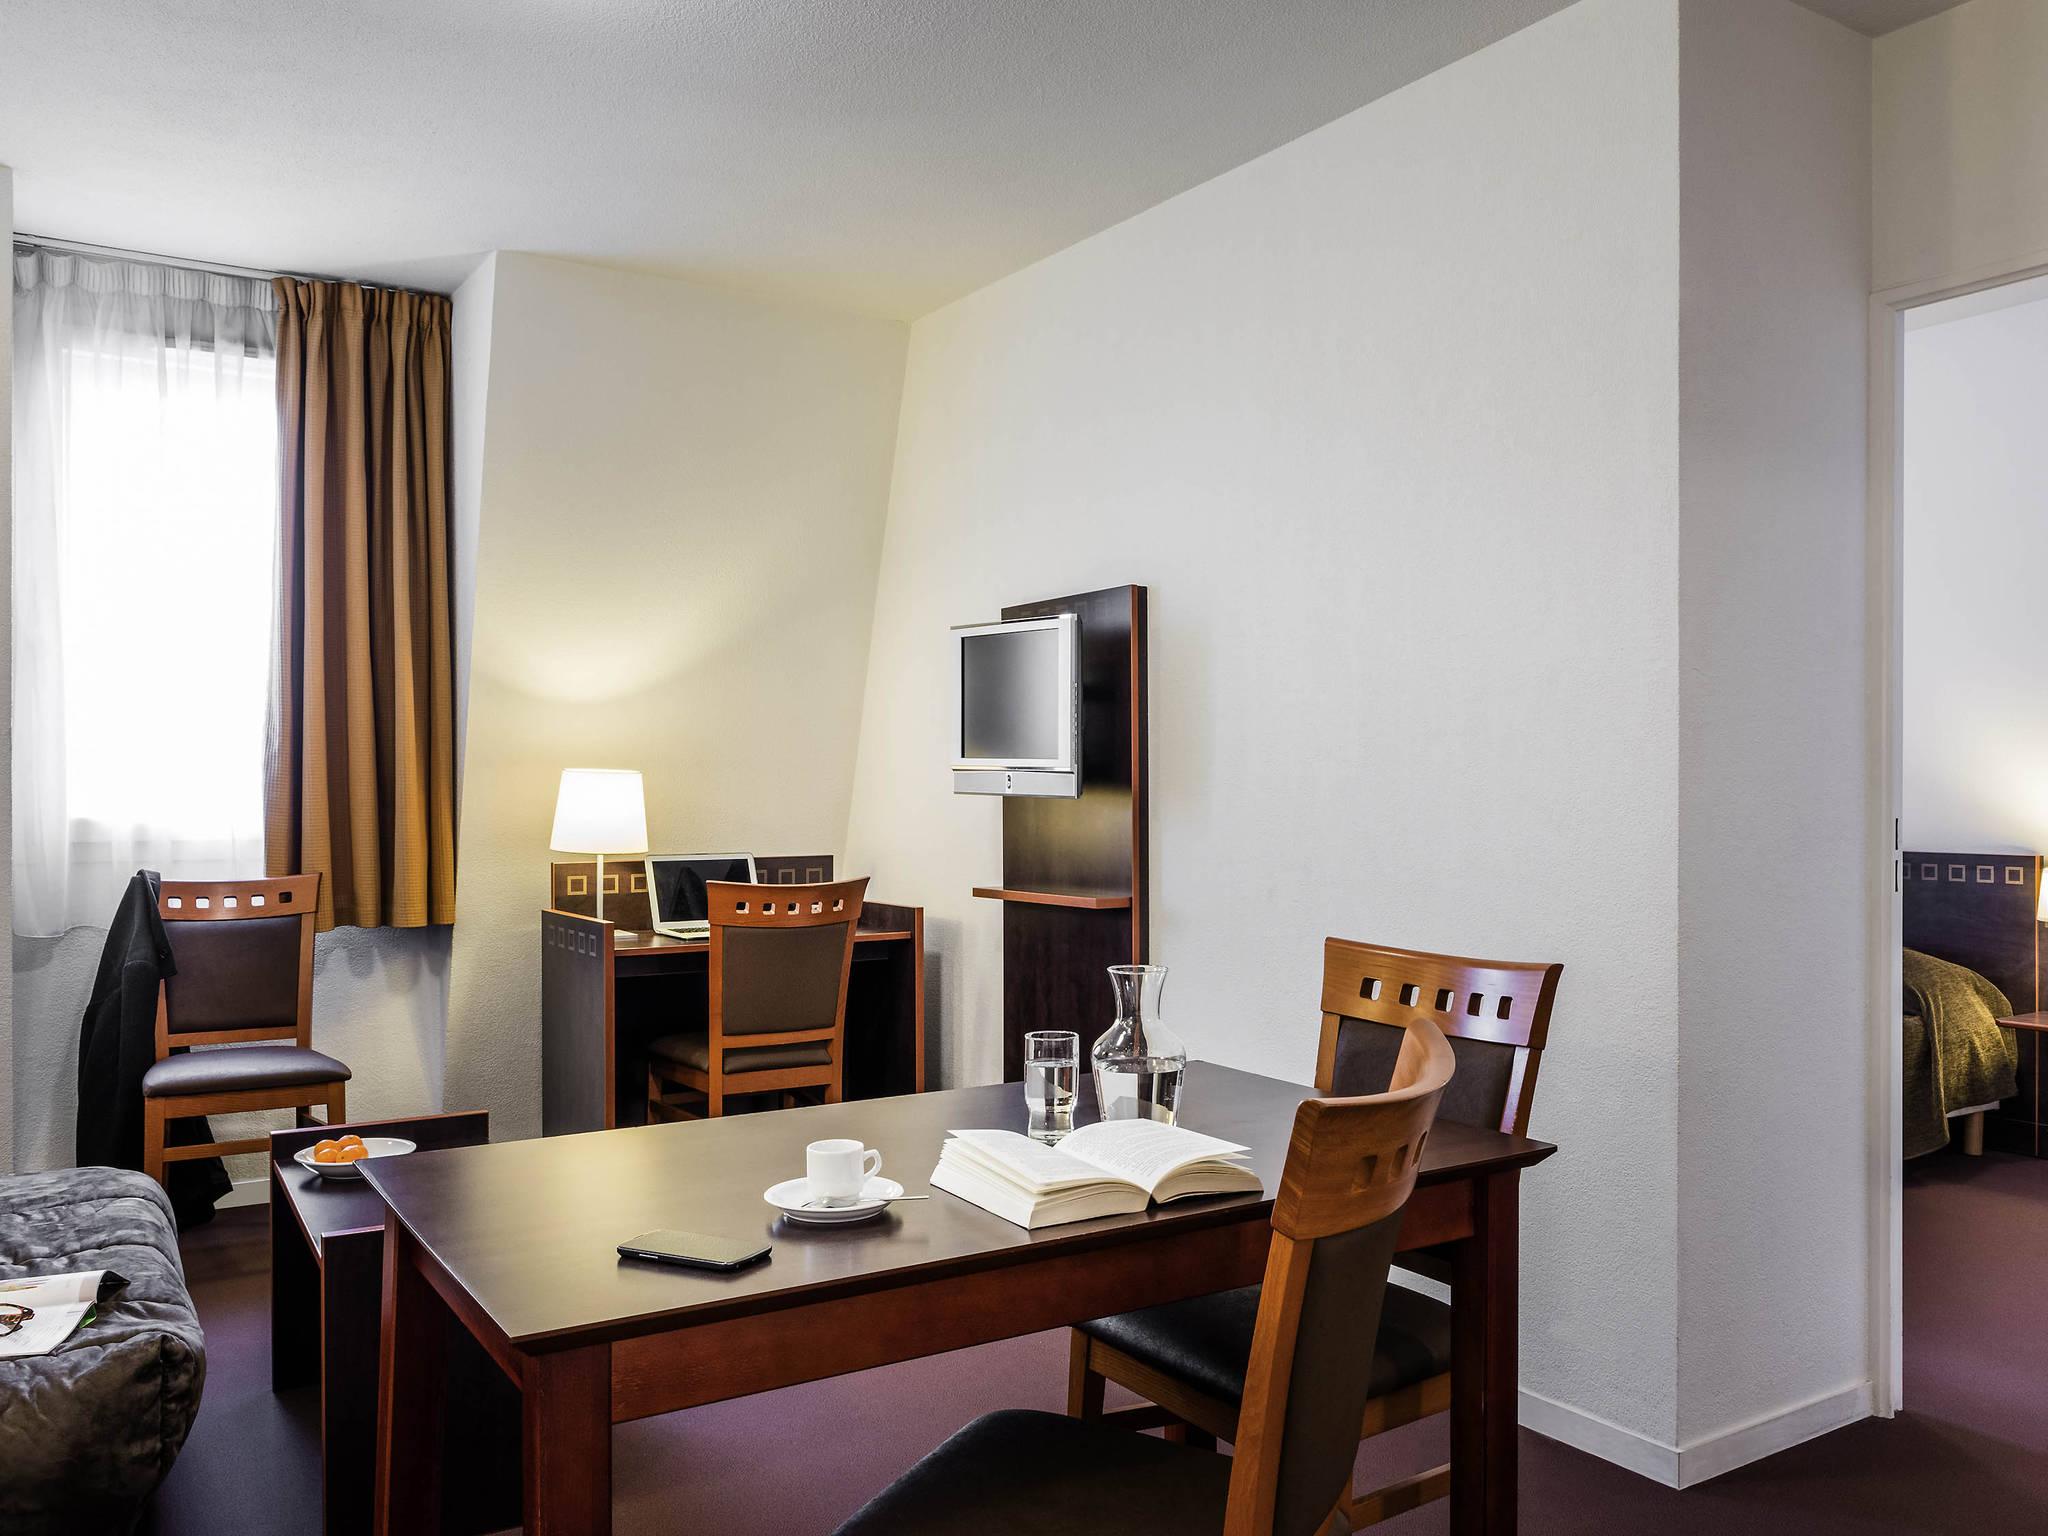 H´tel  CHARENTON LE PONT Aparthotel Adagio access Paris Porte